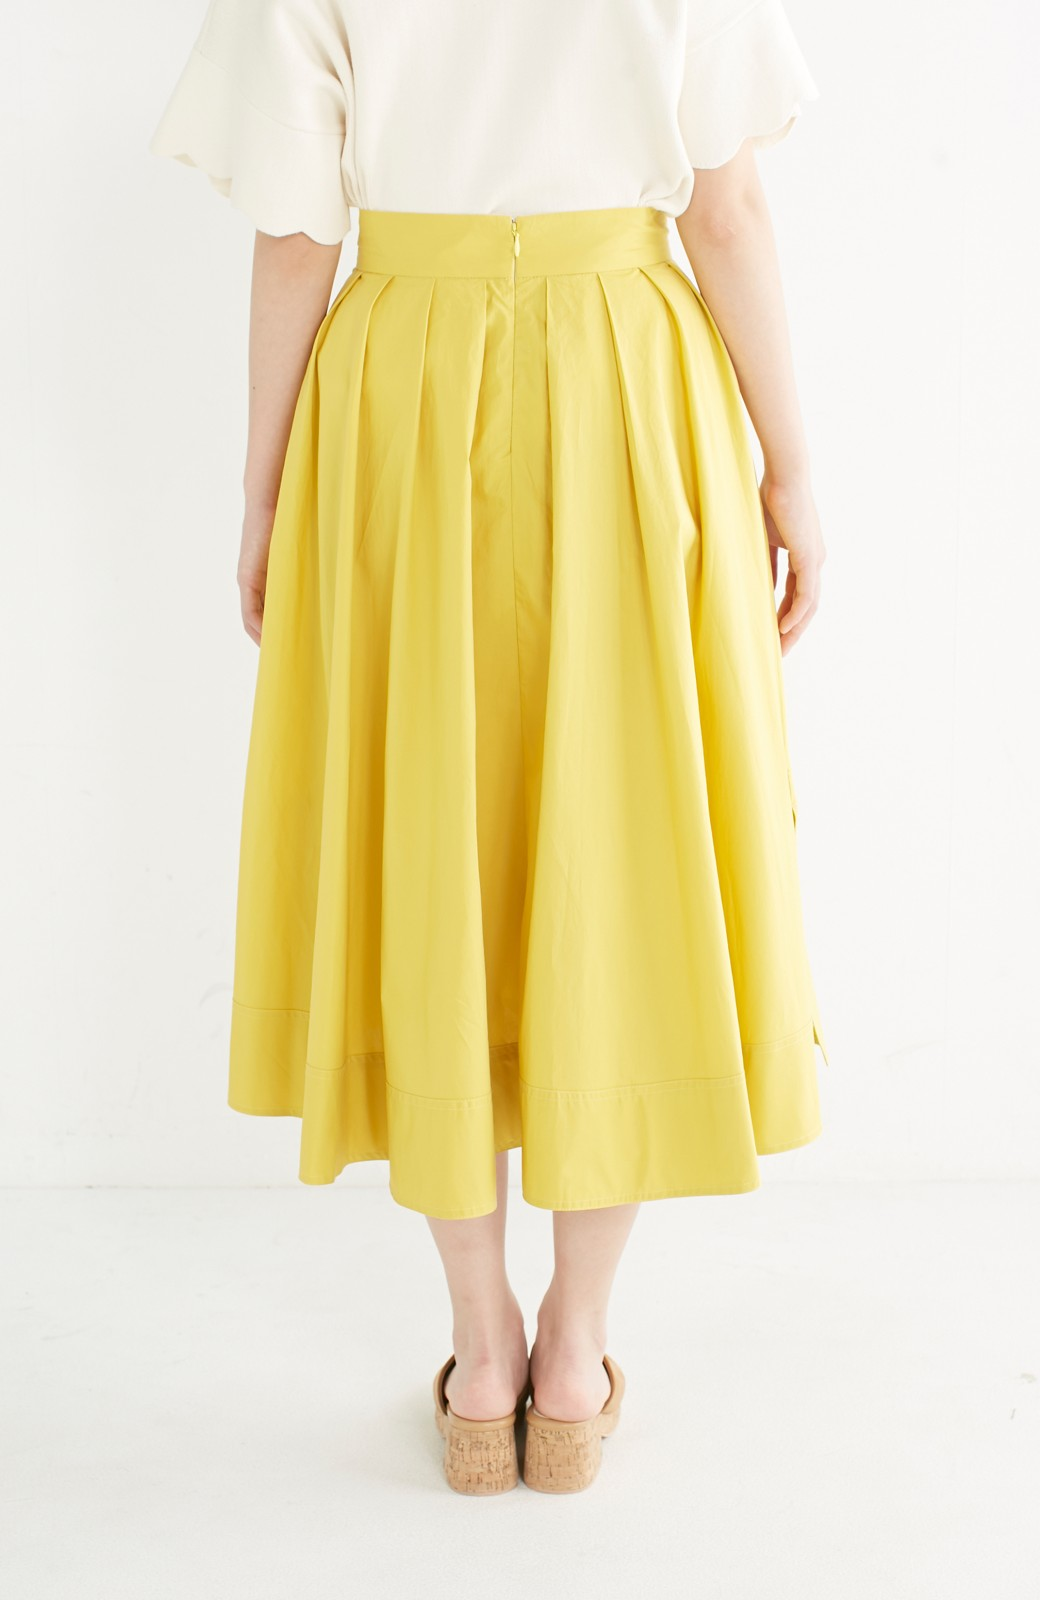 エムトロワ きれい色のイレギュラーヘムスカート <イエロー>の商品写真6